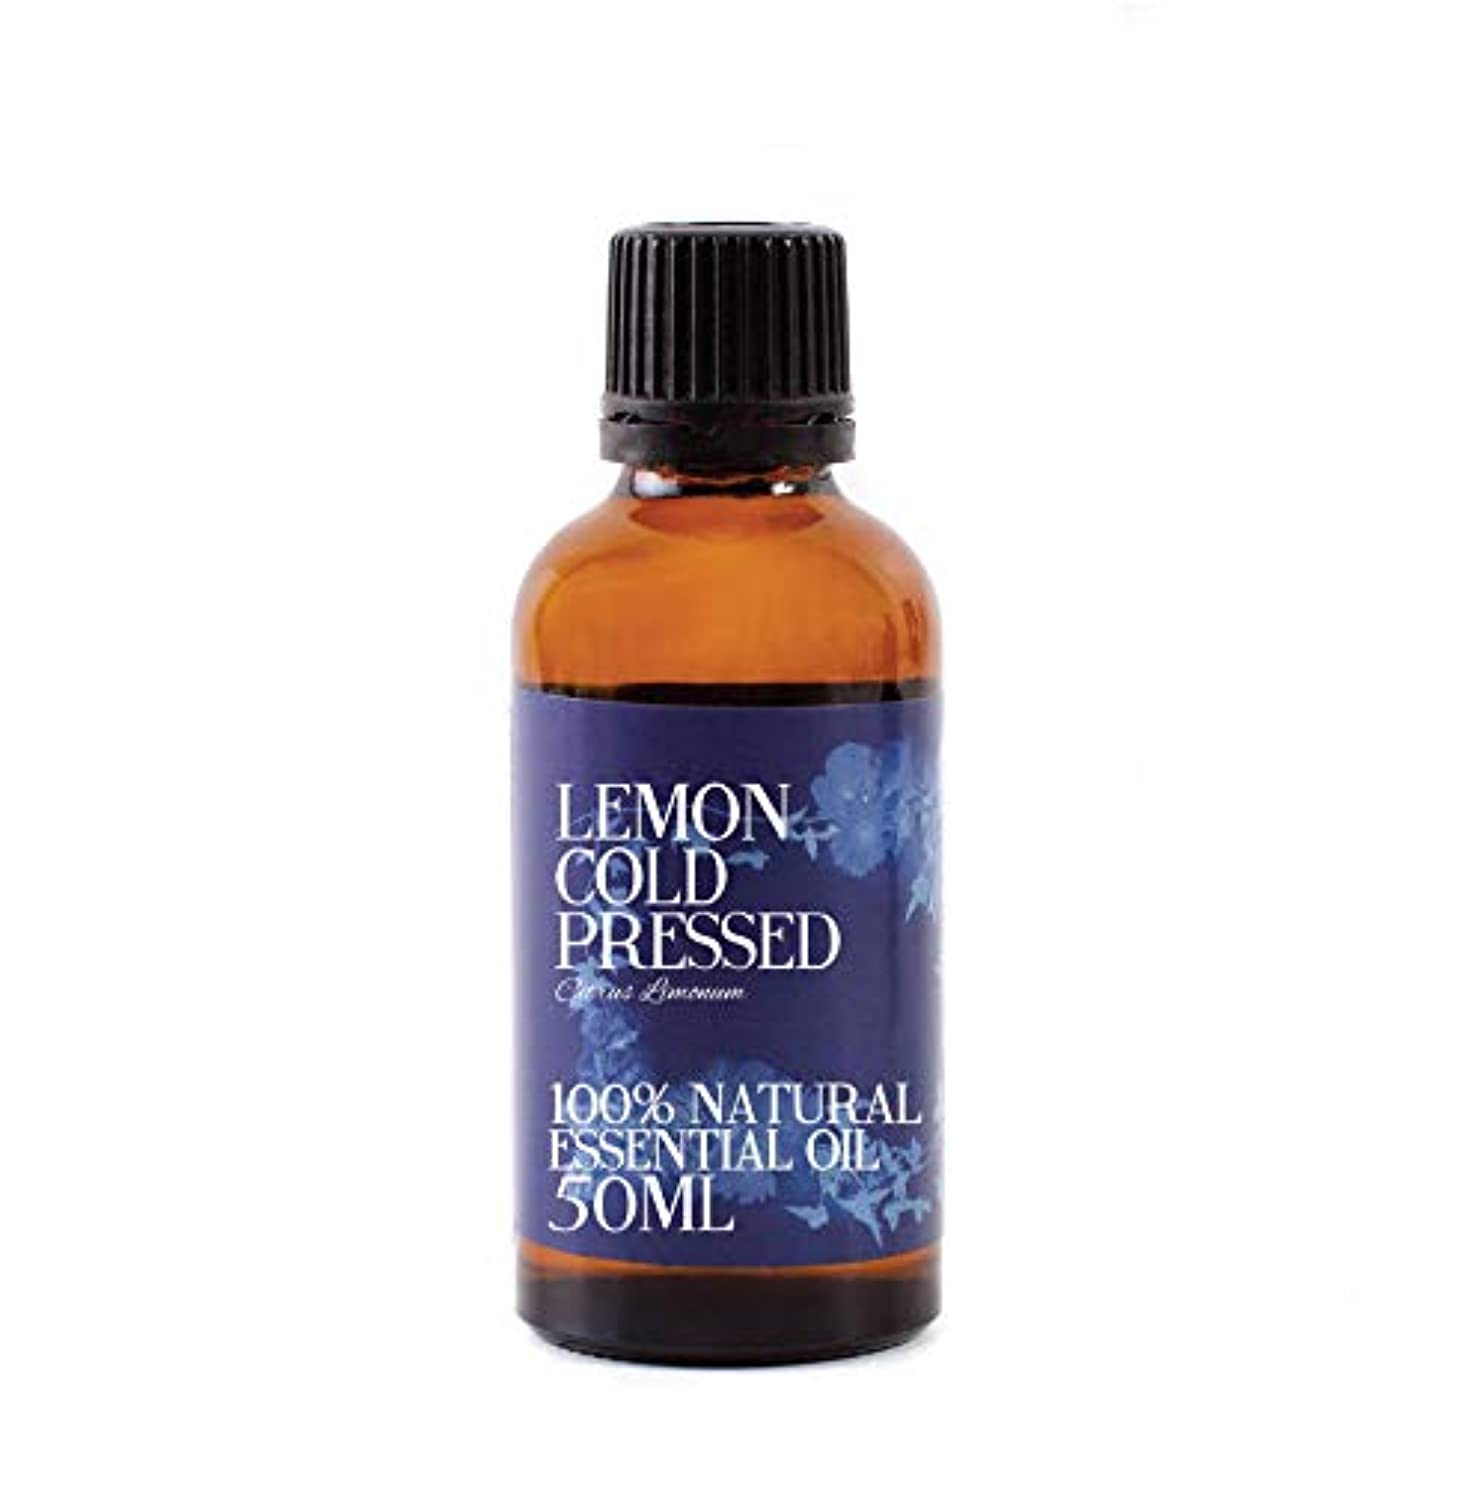 ブロック添加ドリンクMystic Moments   Lemon Cold Pressed Essential Oil - 50ml - 100% Natural